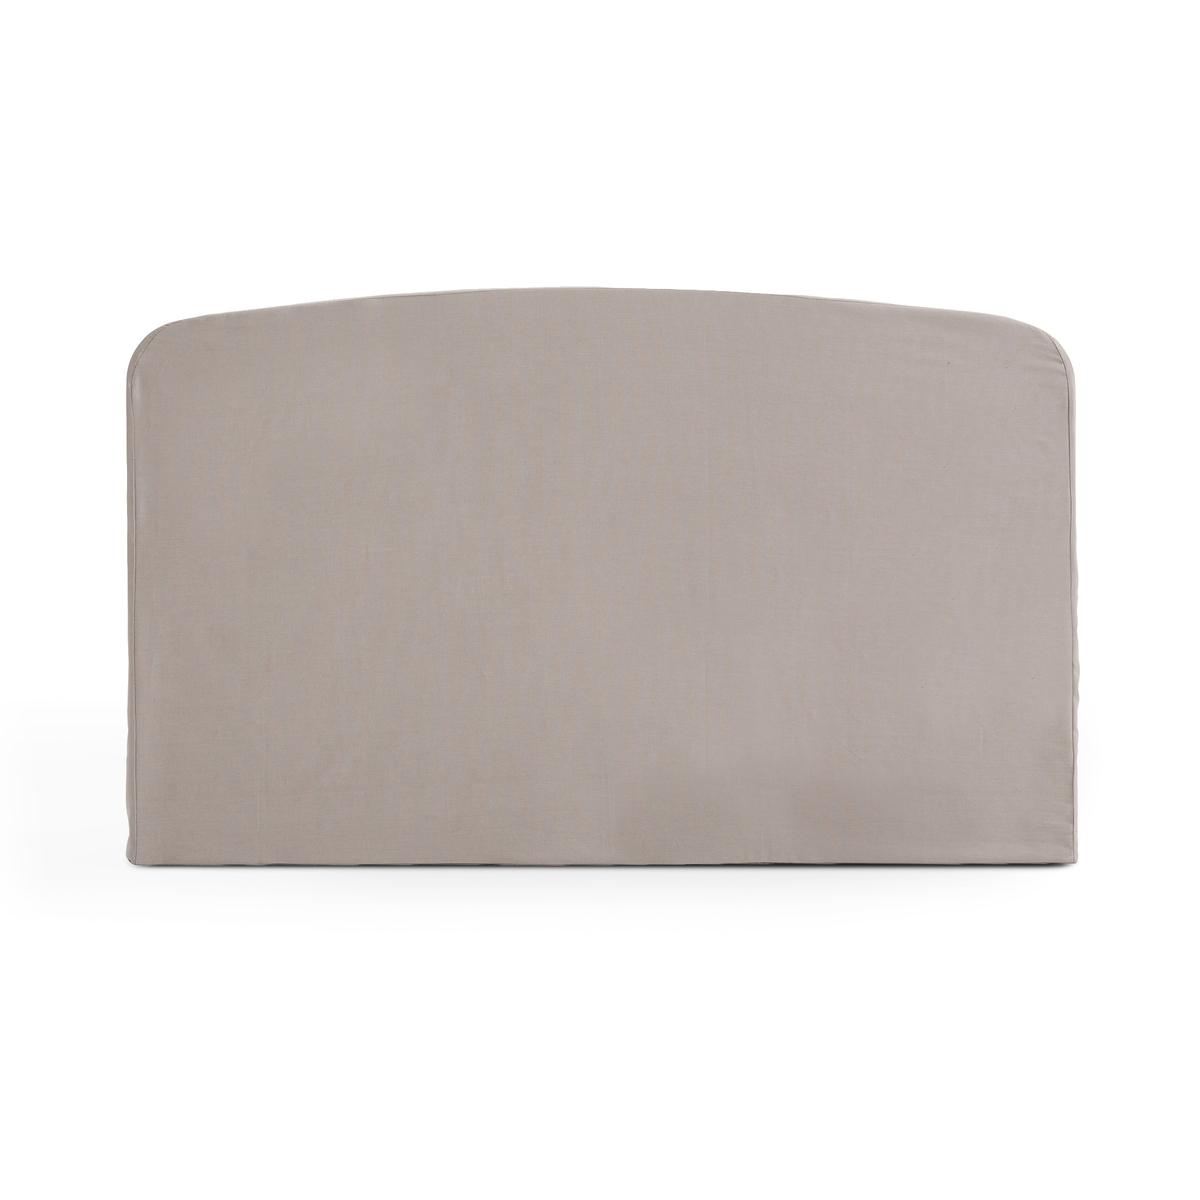 Чехол для изголовья кровати округлой формы из хлопка SCENARIO